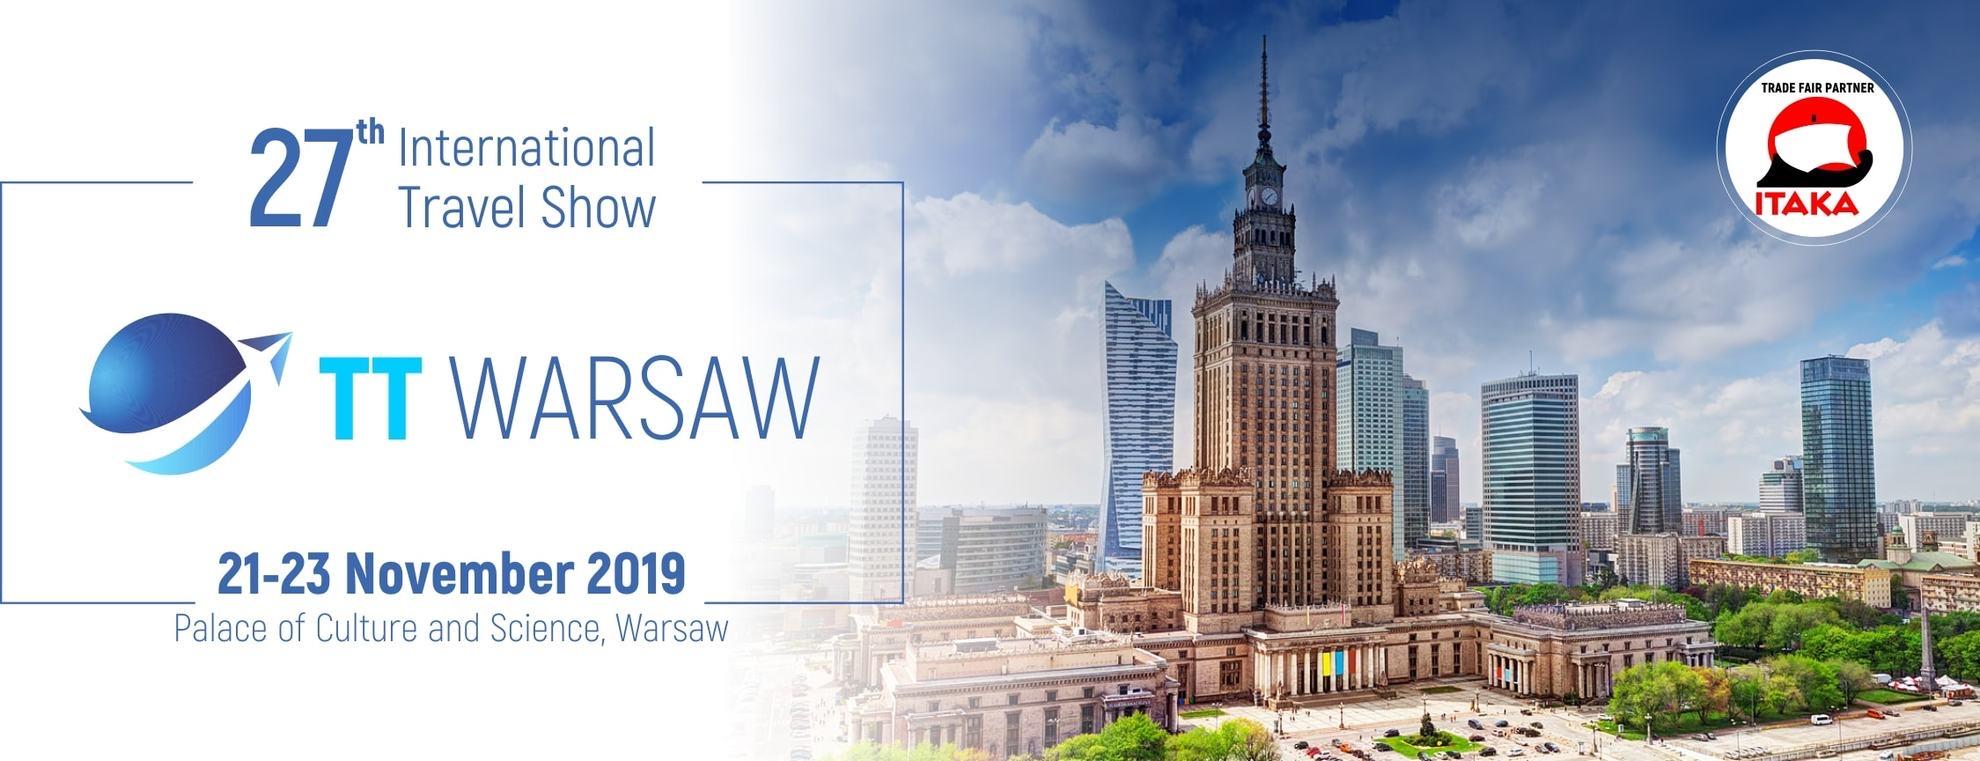 Monreale e i suoi artigiani alla Borsa internazionale del turismo di Varsavia